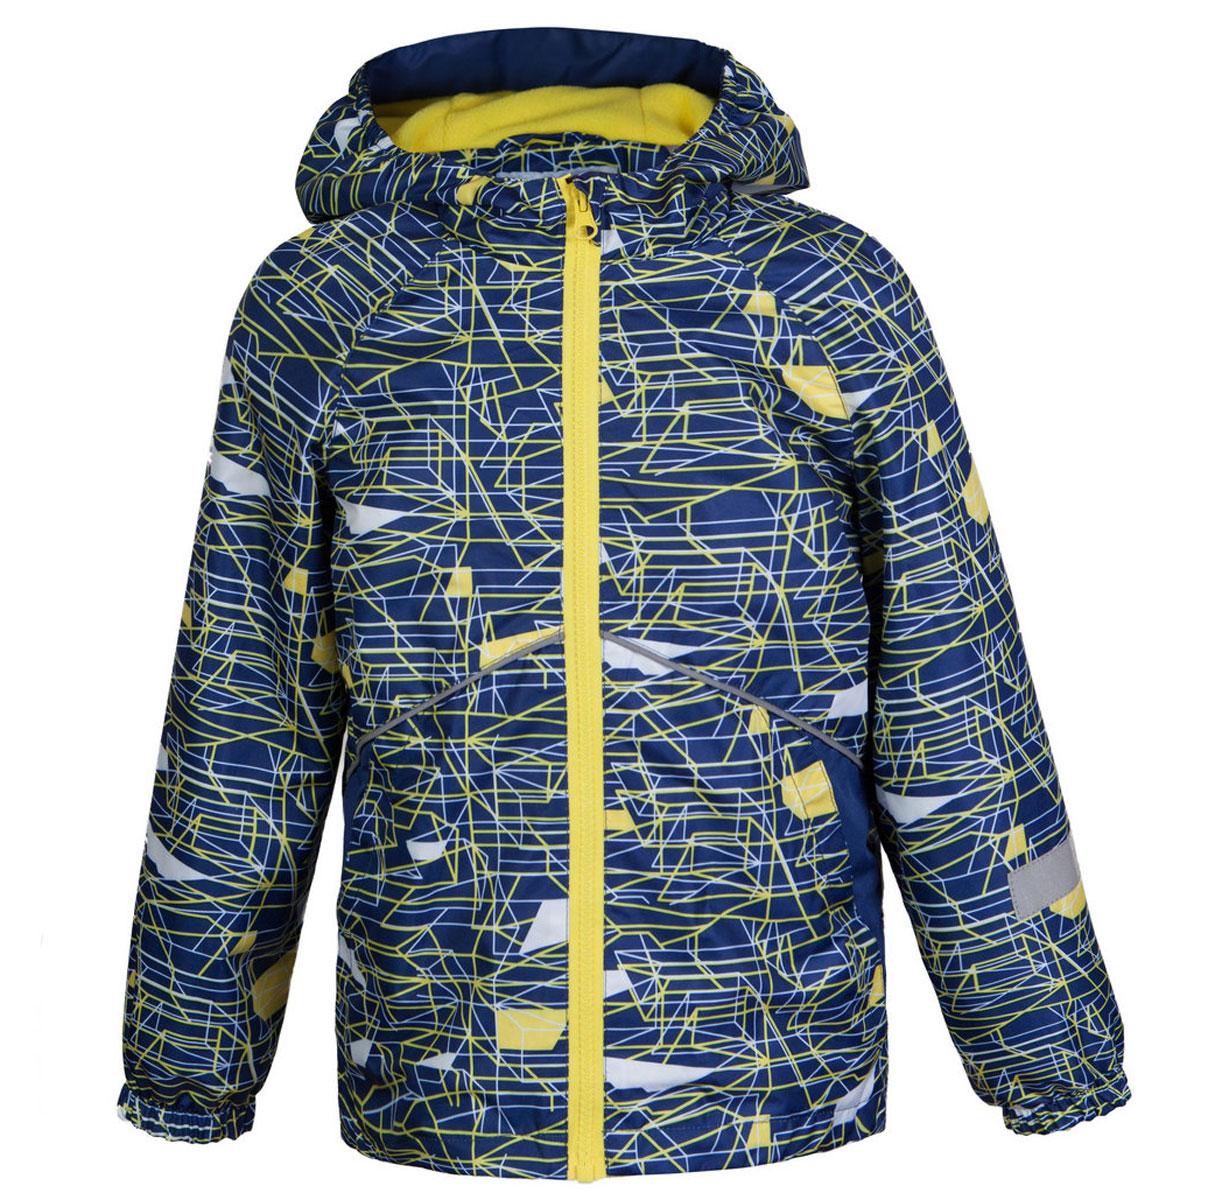 Ветровка для мальчика Jicco Старт, цвет: синий, желтый. 3К1718. Размер 104, 4 года3К1718Легкая весенняя ветровка Старт от Jicco By Oldos из принтованной курточной ткани станет украшением весеннего гардероба. Такая курточка идеально подойдет на ветреную погоду с температурой +10…+20°С, она защитит от легкого весеннего дождя и переменчивого ветра. Модель застегивается на молнию. По всей длине молнии имеется внутренняя ветрозащитная планка с защитой подбородка от прищемления. Модель имеет флисовую подкладку на груди, спинке и в капюшоне. Капюшон не отстегивается, для лучшего прилегания по бокам вшита резинка. Манжеты рукавов на резинке, низ куртки снабжен регулируемой утяжкой. Светоотражающие элементы для безопасной прогулки в темное время суток. С лицевой стороны расположены карманы на молнии.